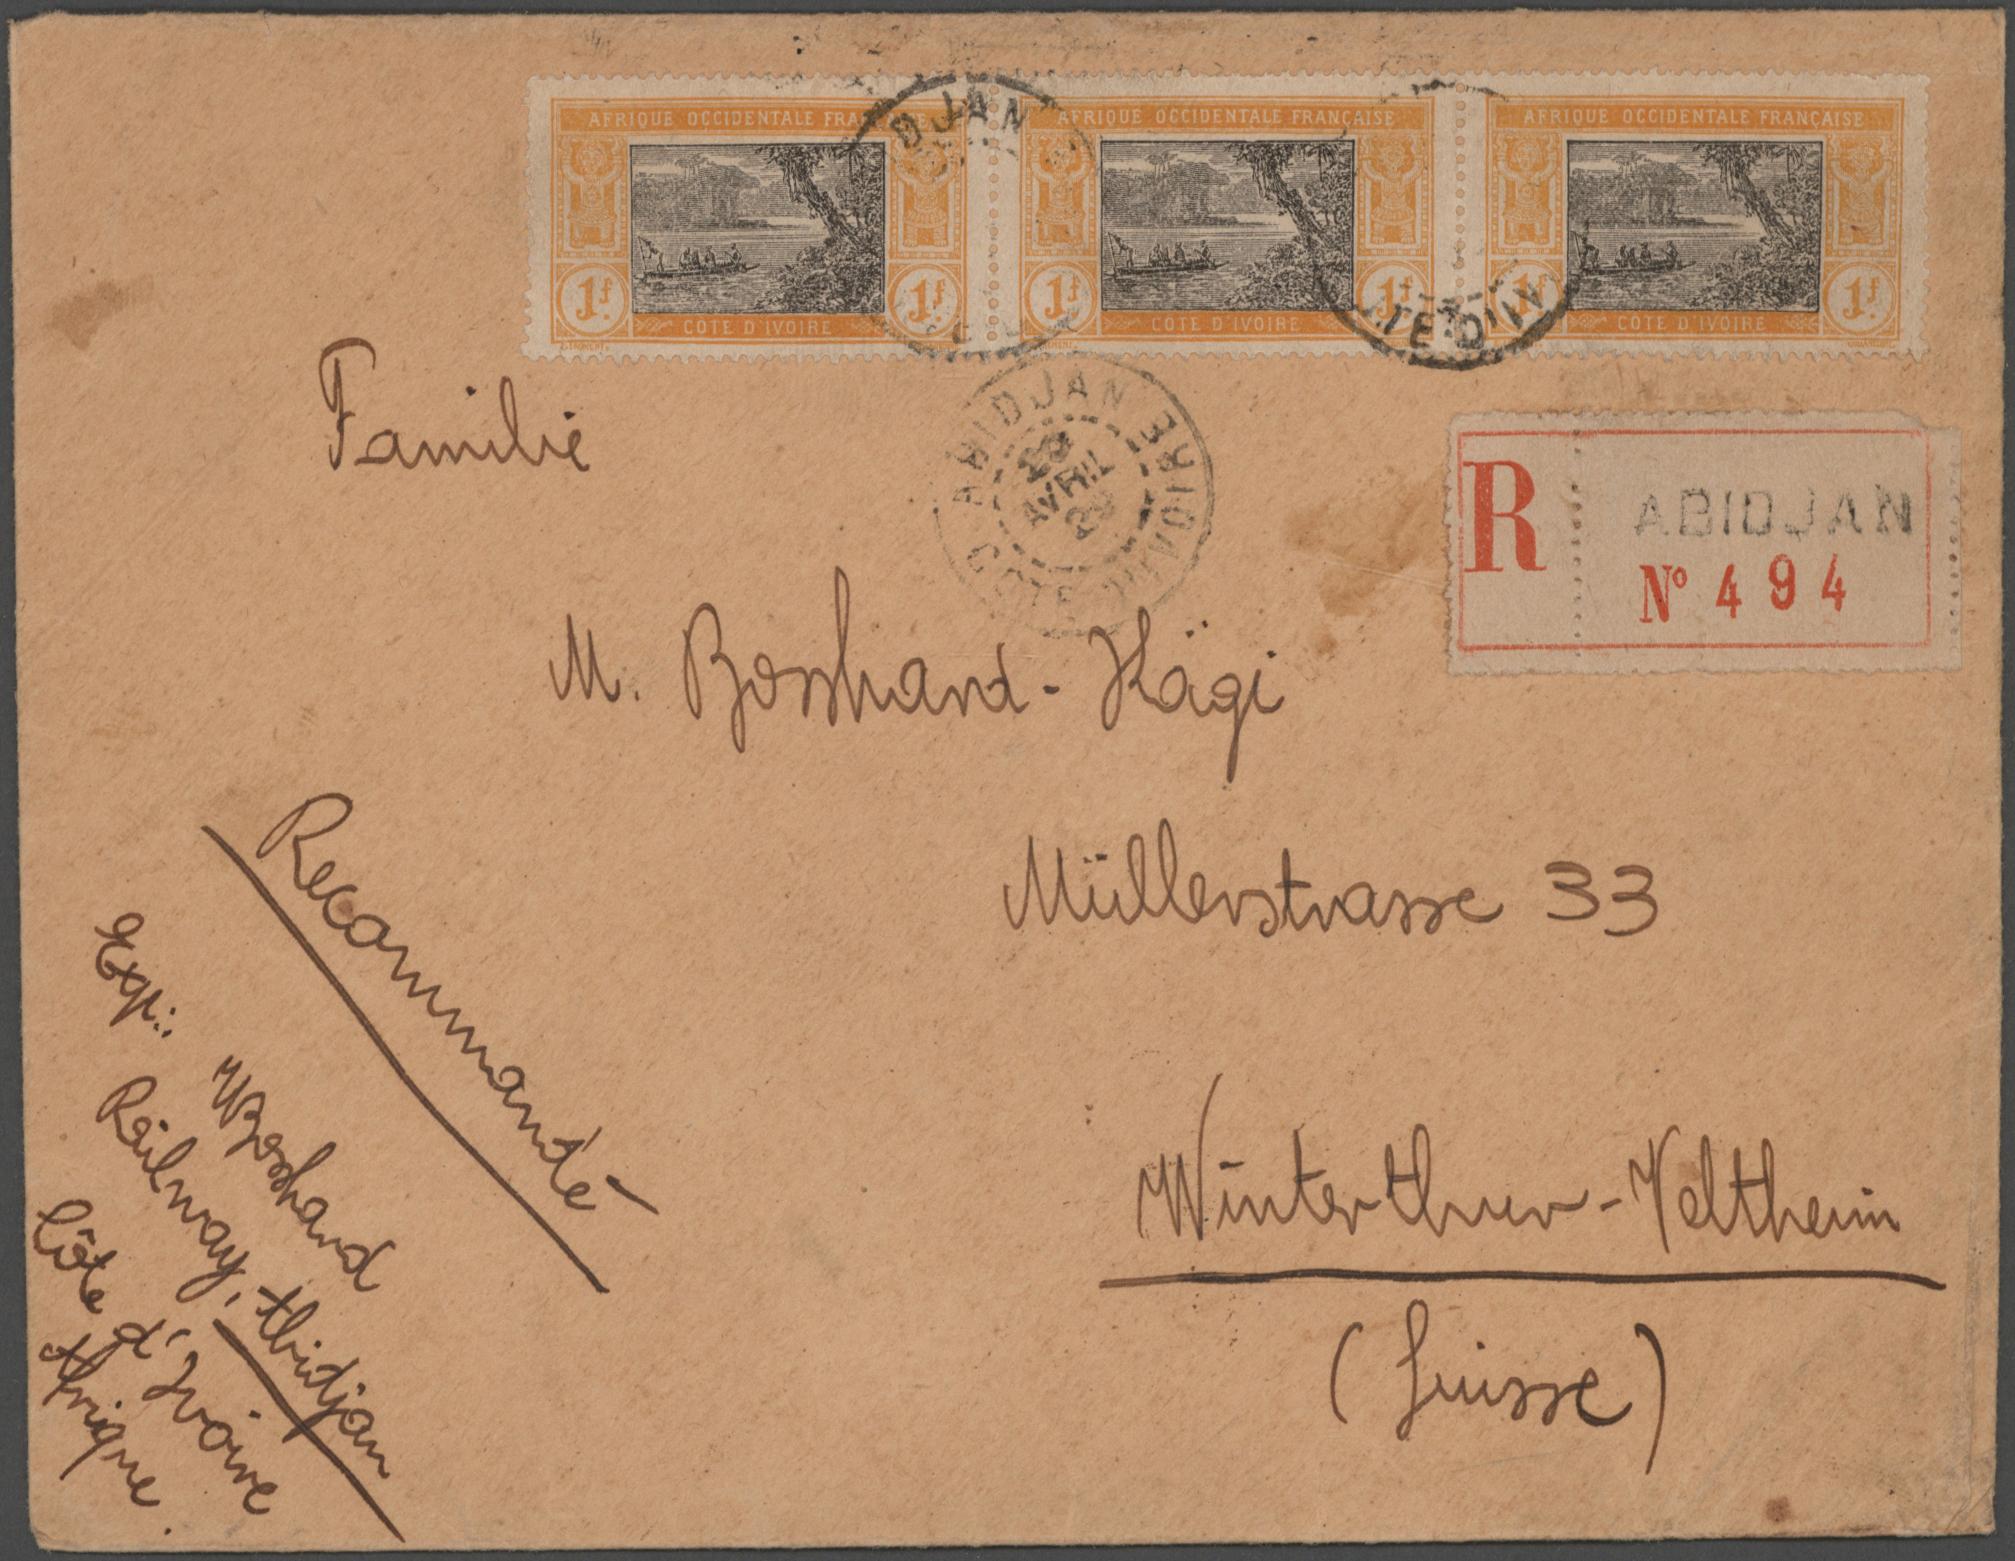 Lot 17401 - französische kolonien  -  Auktionshaus Christoph Gärtner GmbH & Co. KG 50th Auction Anniversary Auction - Day 5